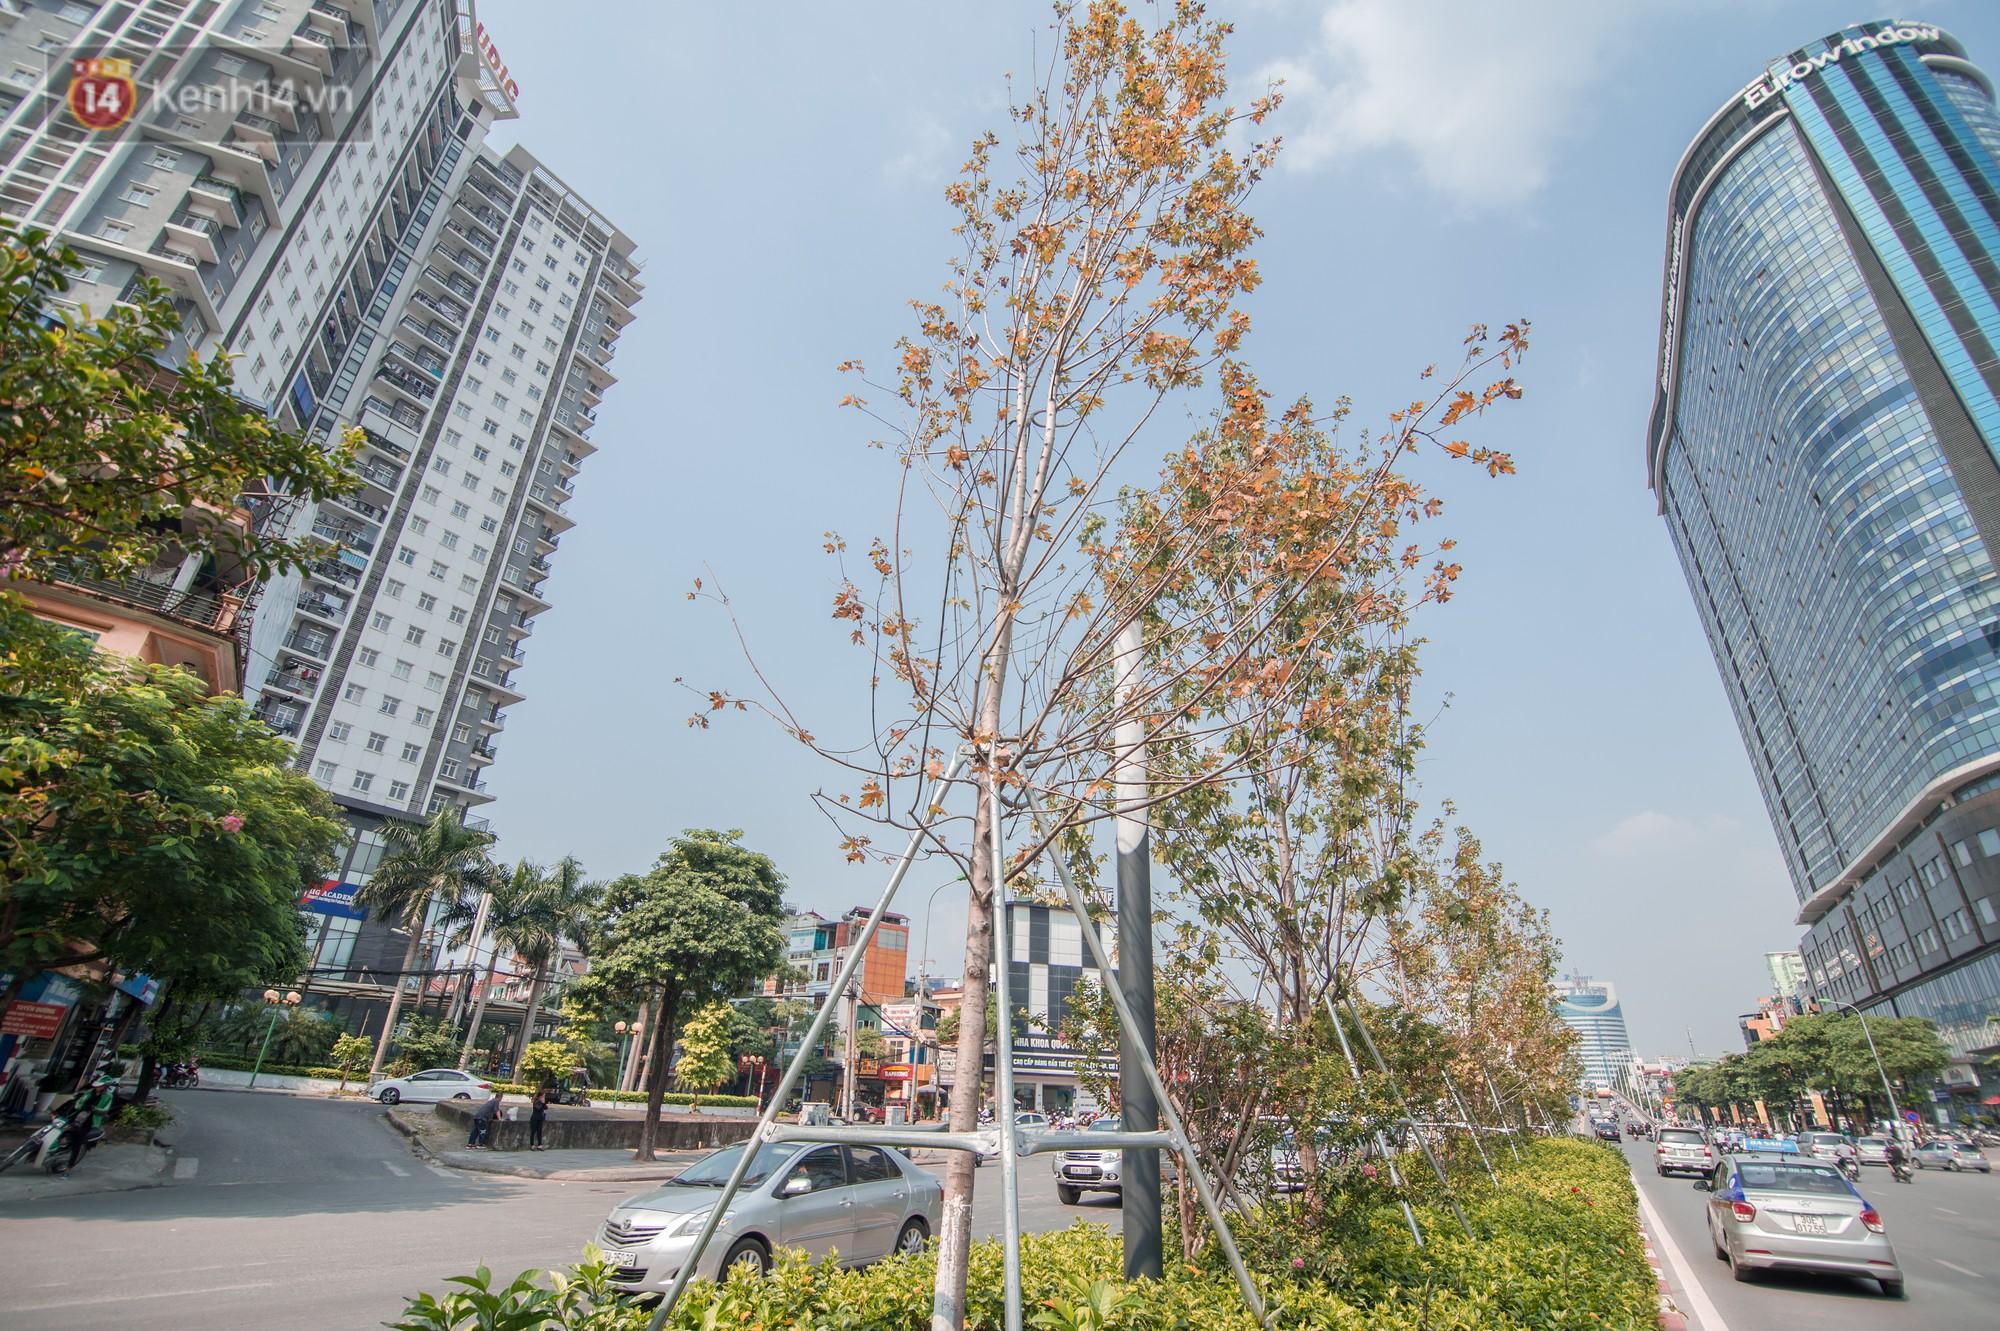 Hàng cây phong lá đỏ củi khô trước đây đã nhuộm sắc vàng đầu thu Hà Nội - Ảnh 5.